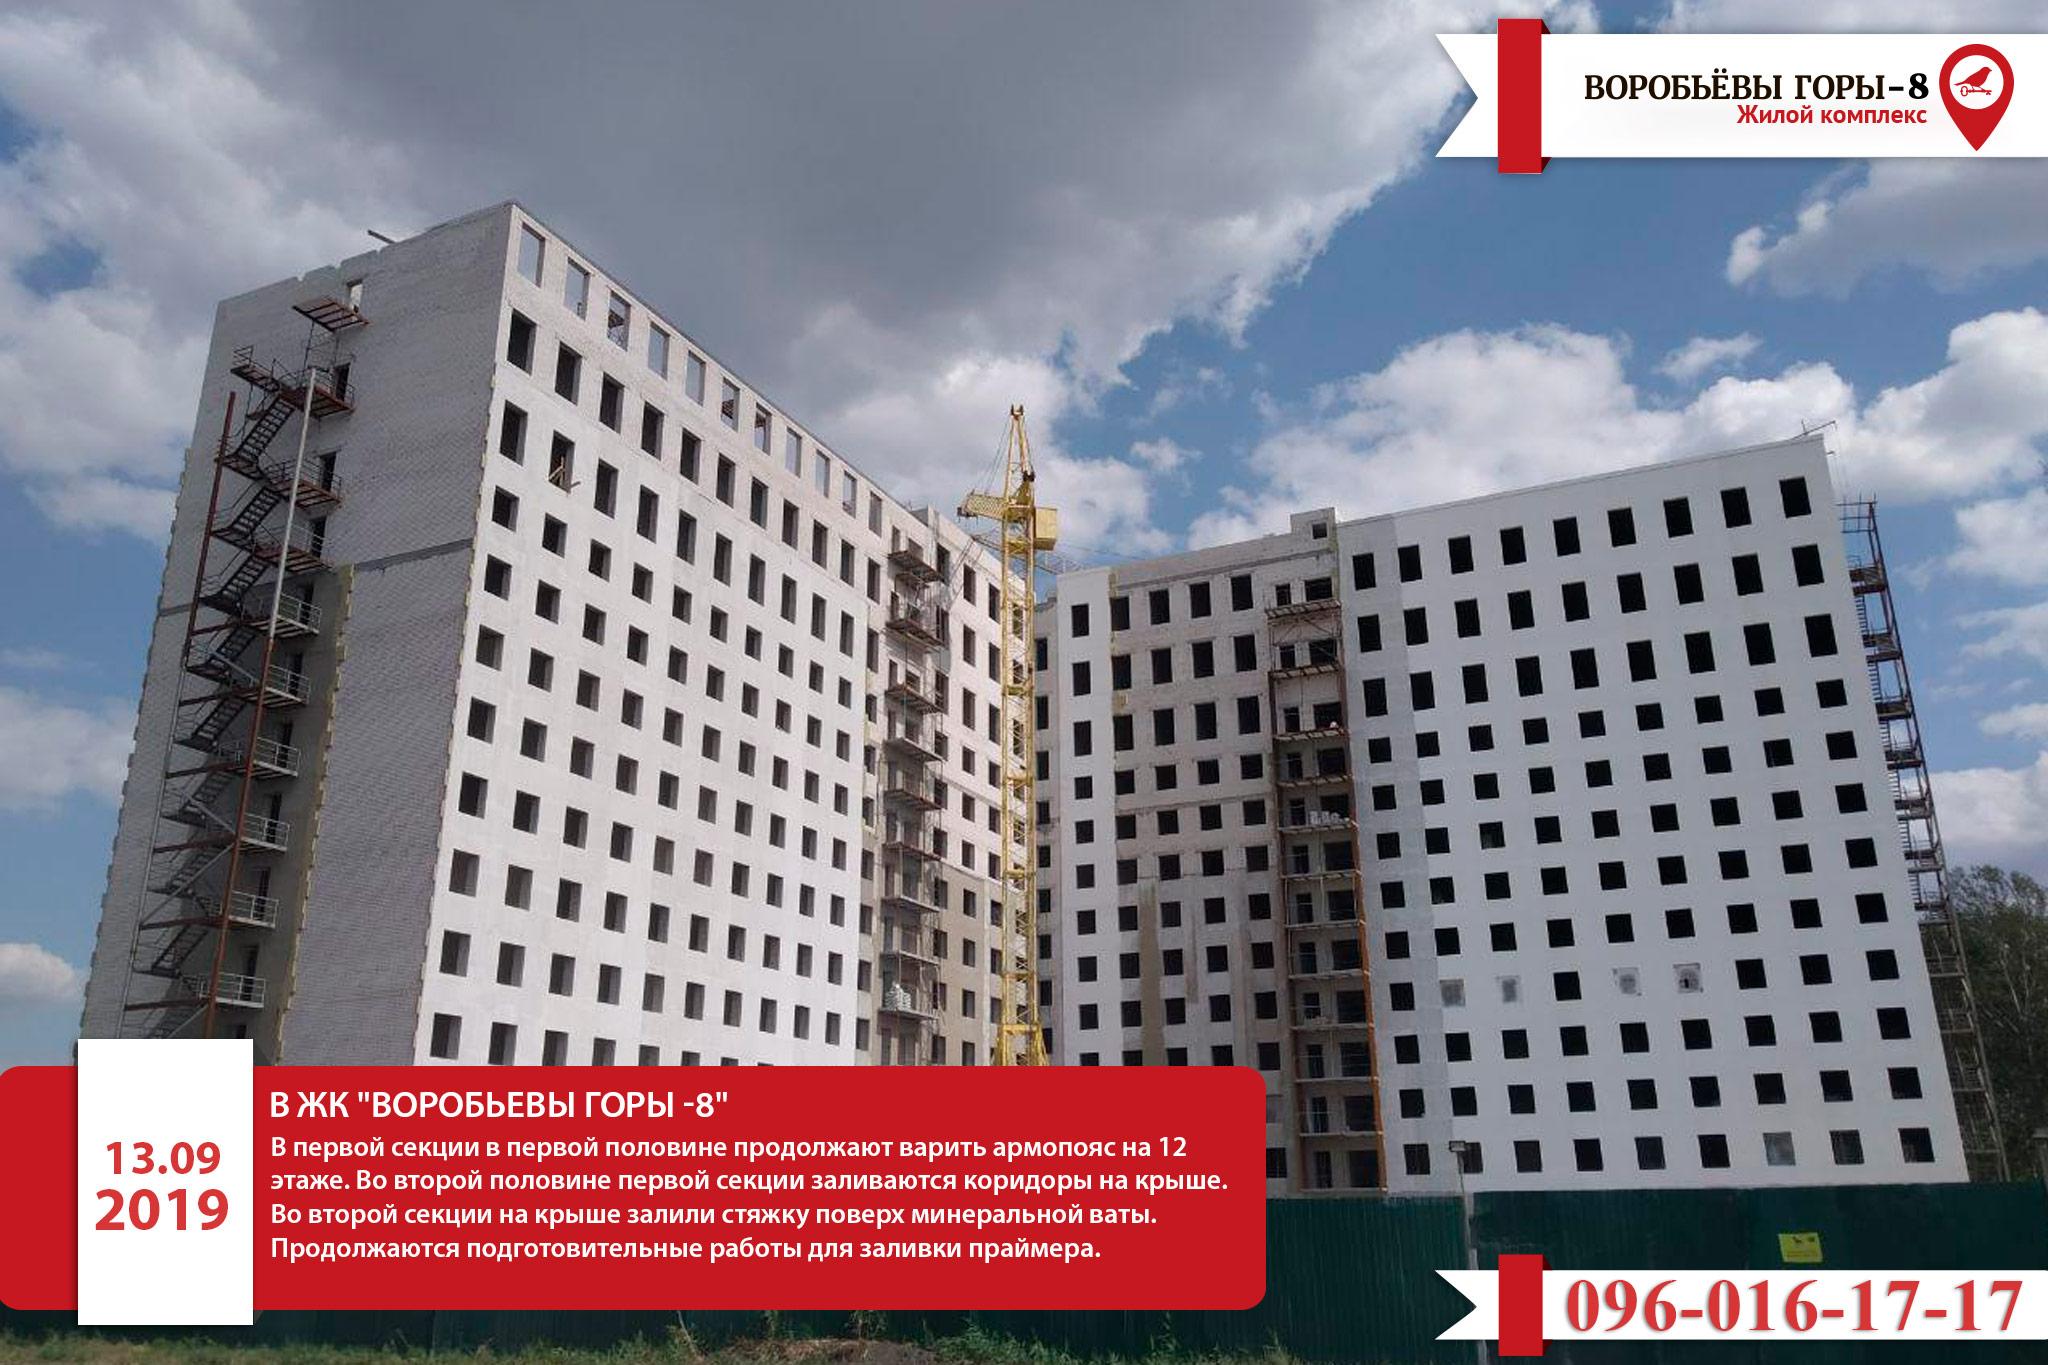 Со строительной площадки «Воробьевы Горы-8» появились актуальные новости